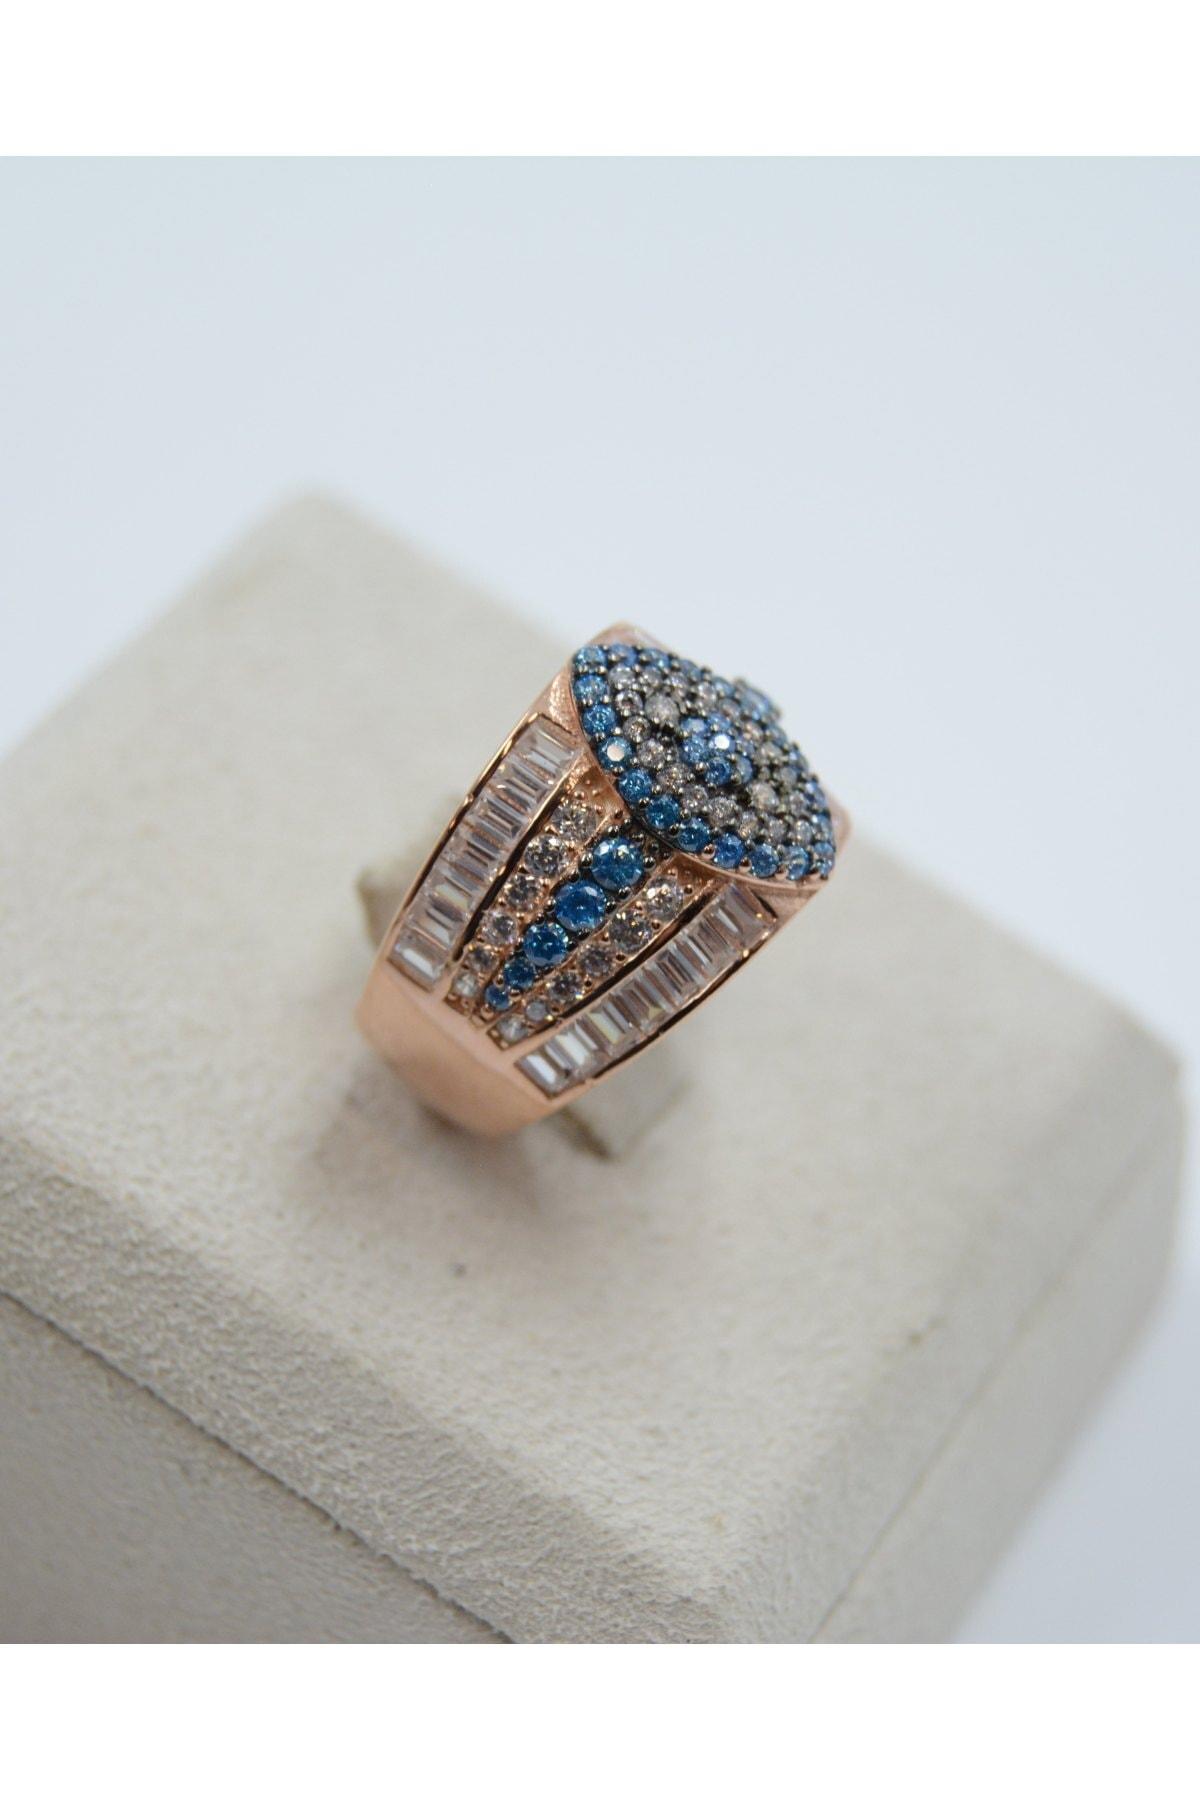 Swarovski Göz Desenli Mavi Zirkon Taşlı 925 Ayar Gümüş Kadın Yüzük 1